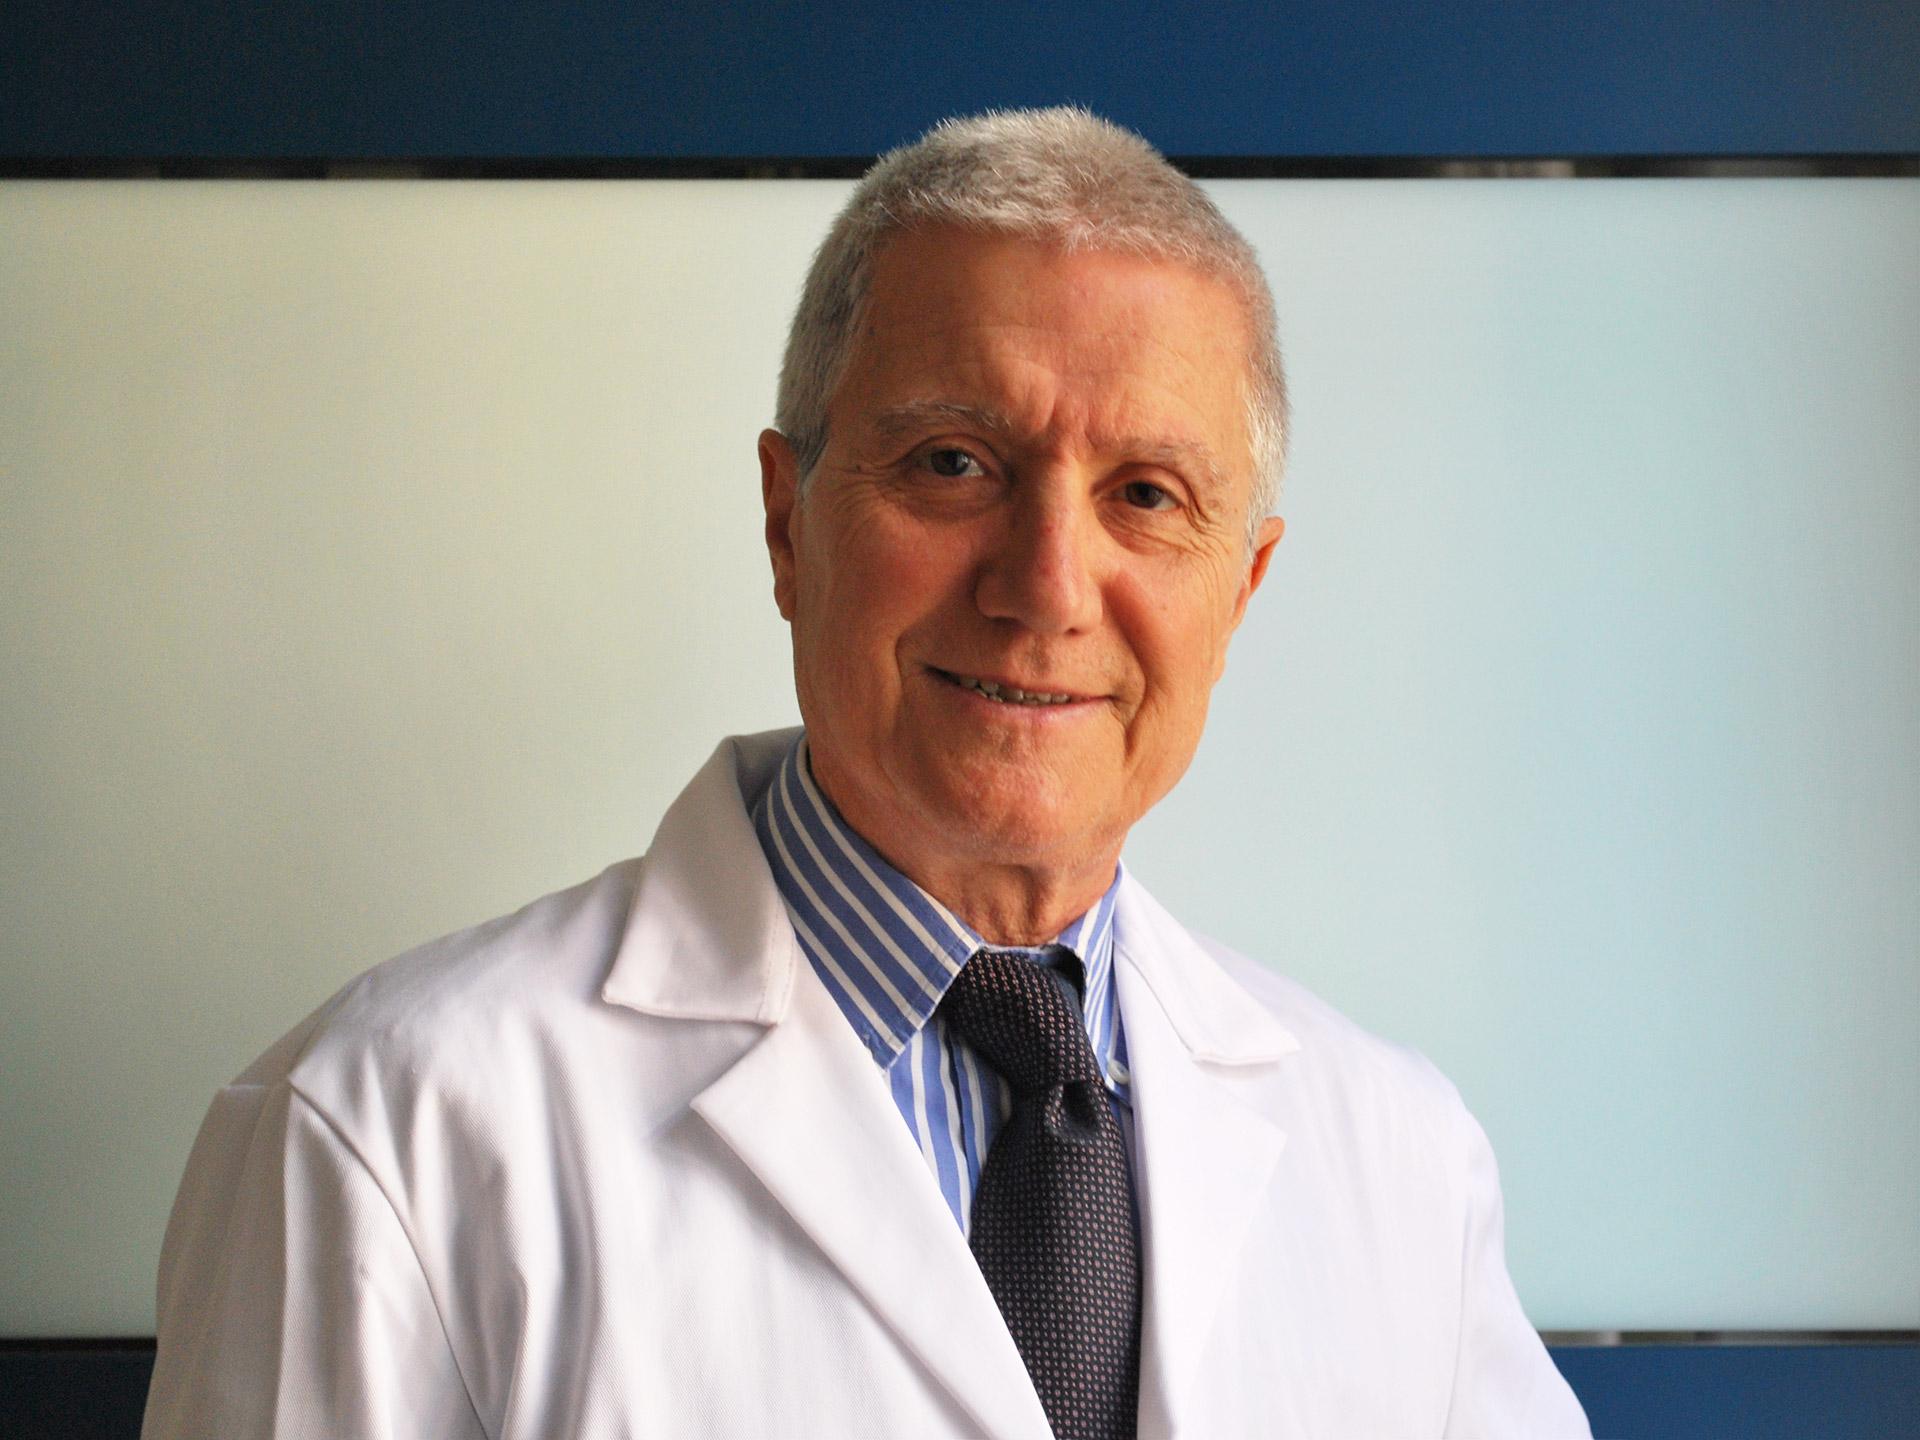 Dott. Filippo La Mantia | Centro Oculistico La Mantia